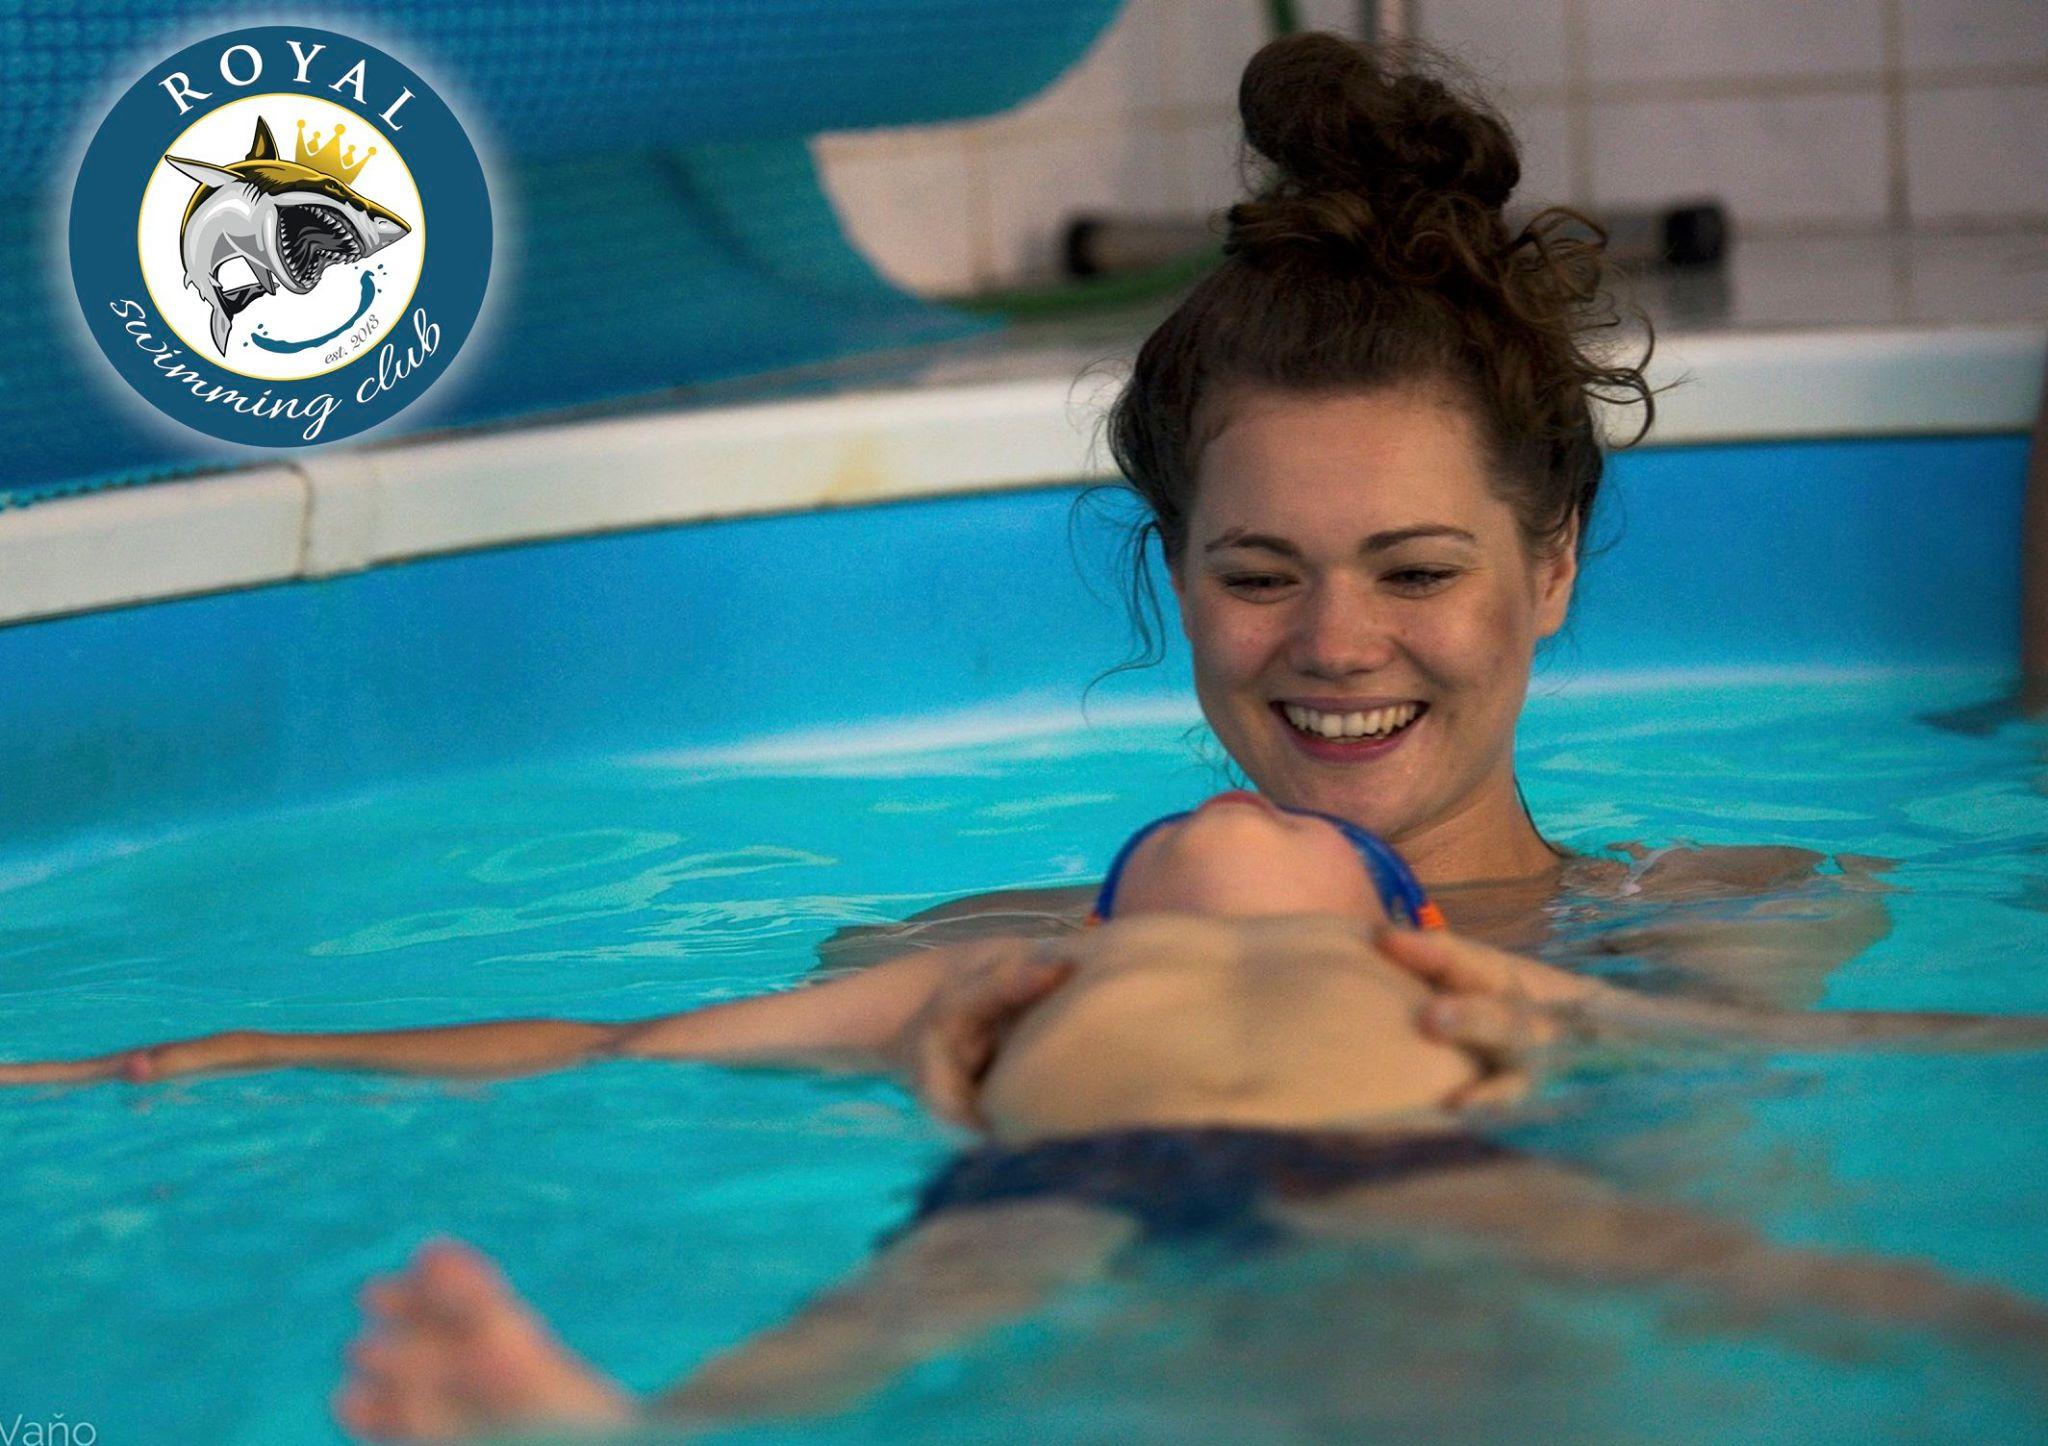 Plávanie pre bábätká: Čo od neho očakávať a prečo s ním začať